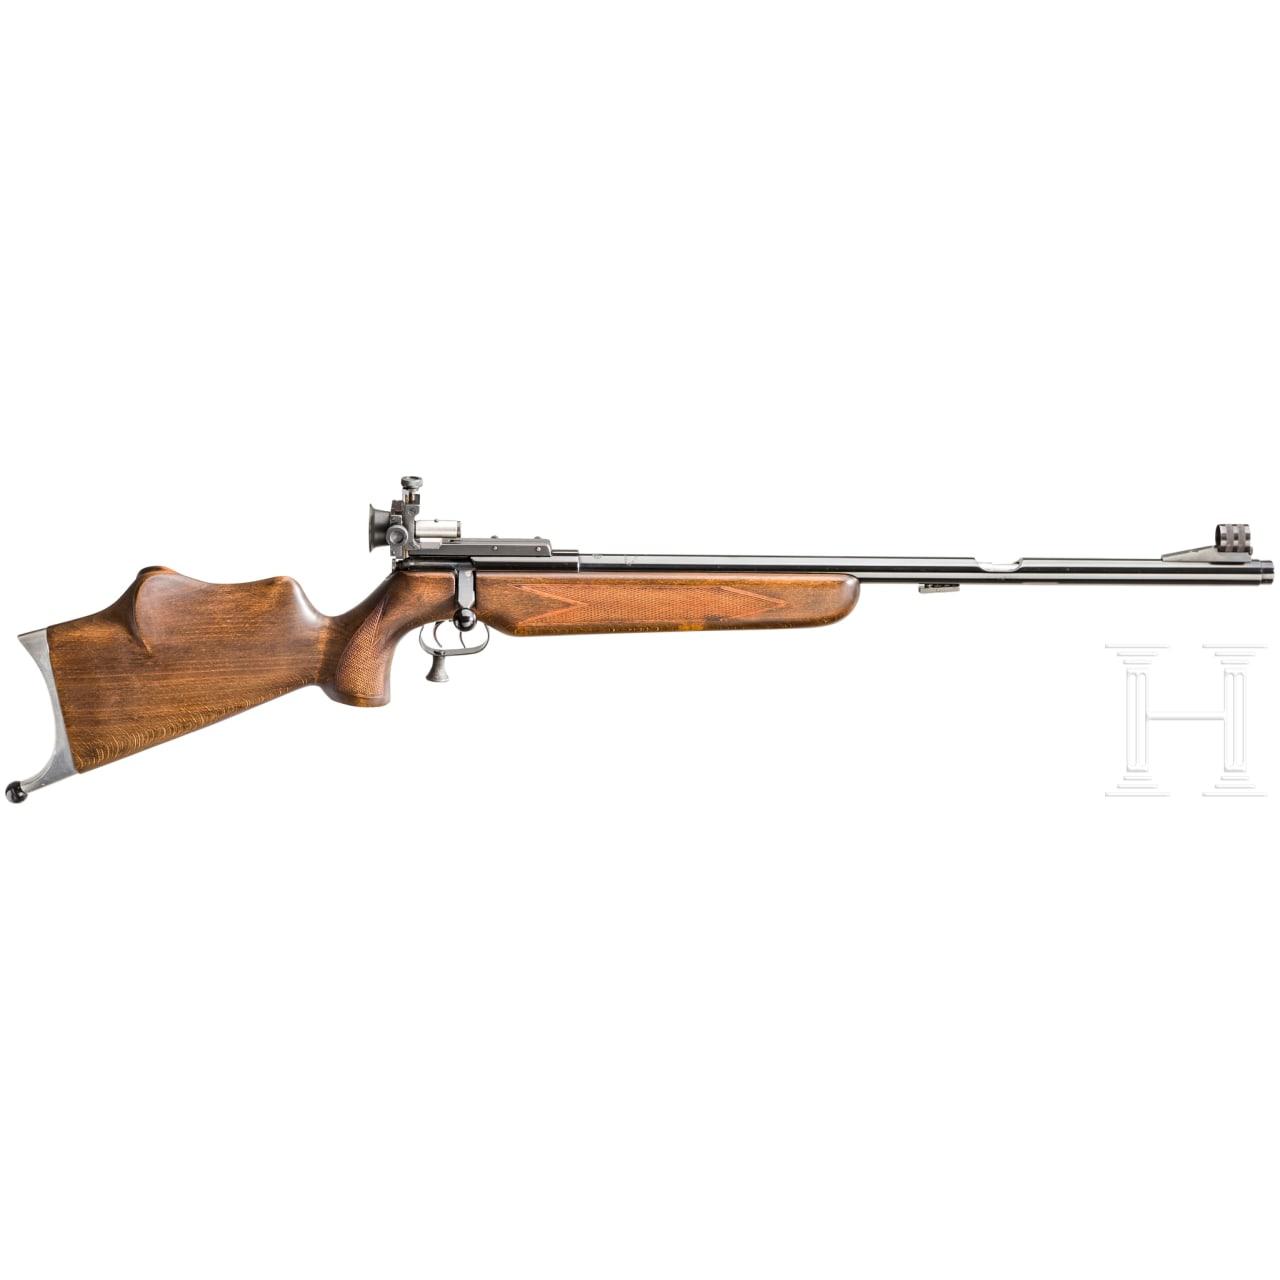 A Gallery gun by Schmidt, Oggenhausen